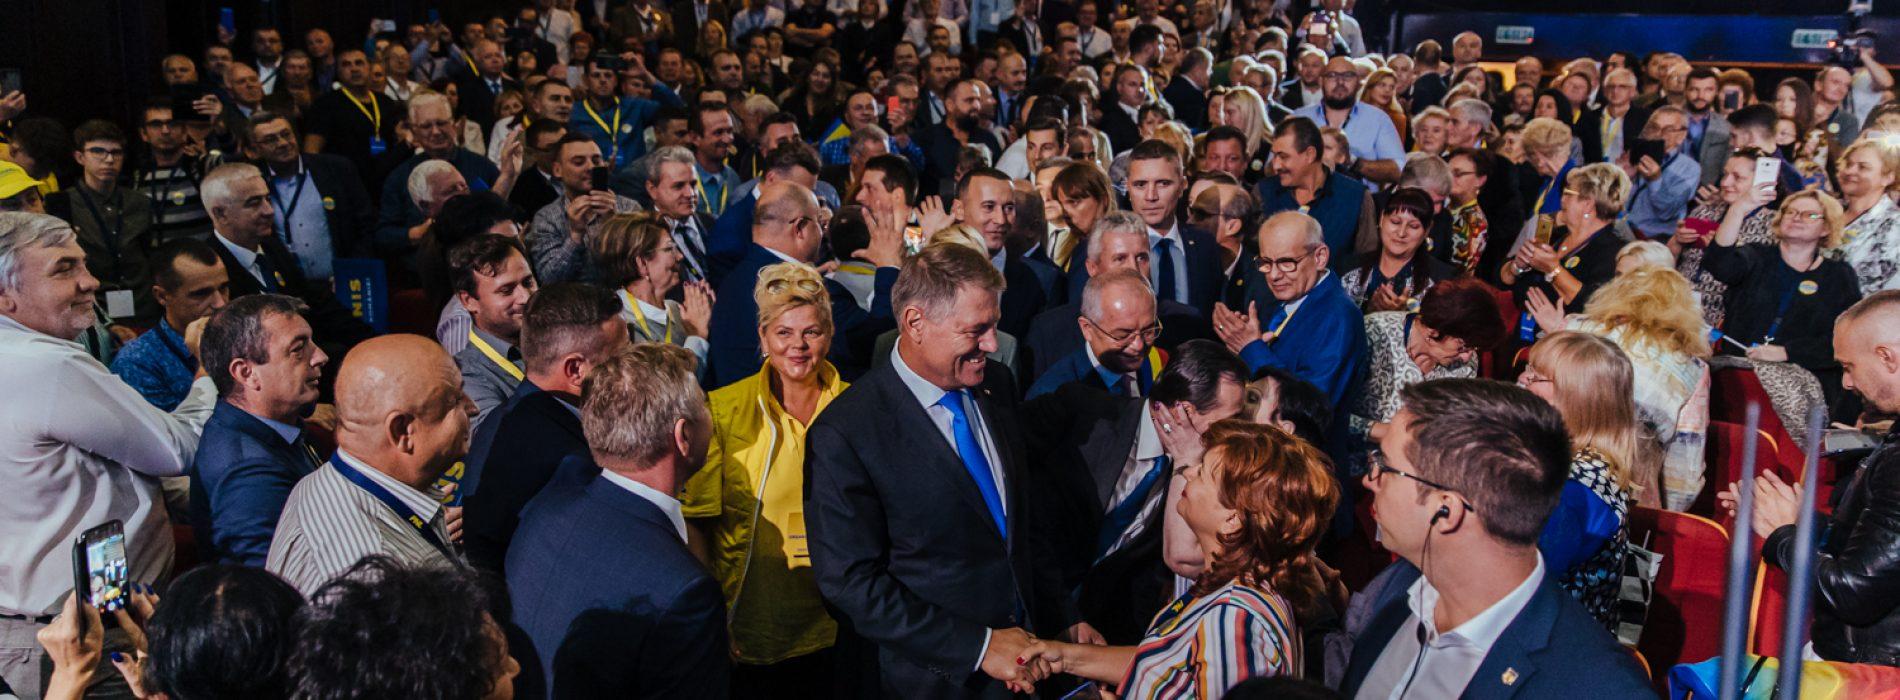 PNL Maramureș: Klaus Iohannis a făcut tot ceea ce putea să facă un președinte pentru a opri atacurile PSD împotriva statului român